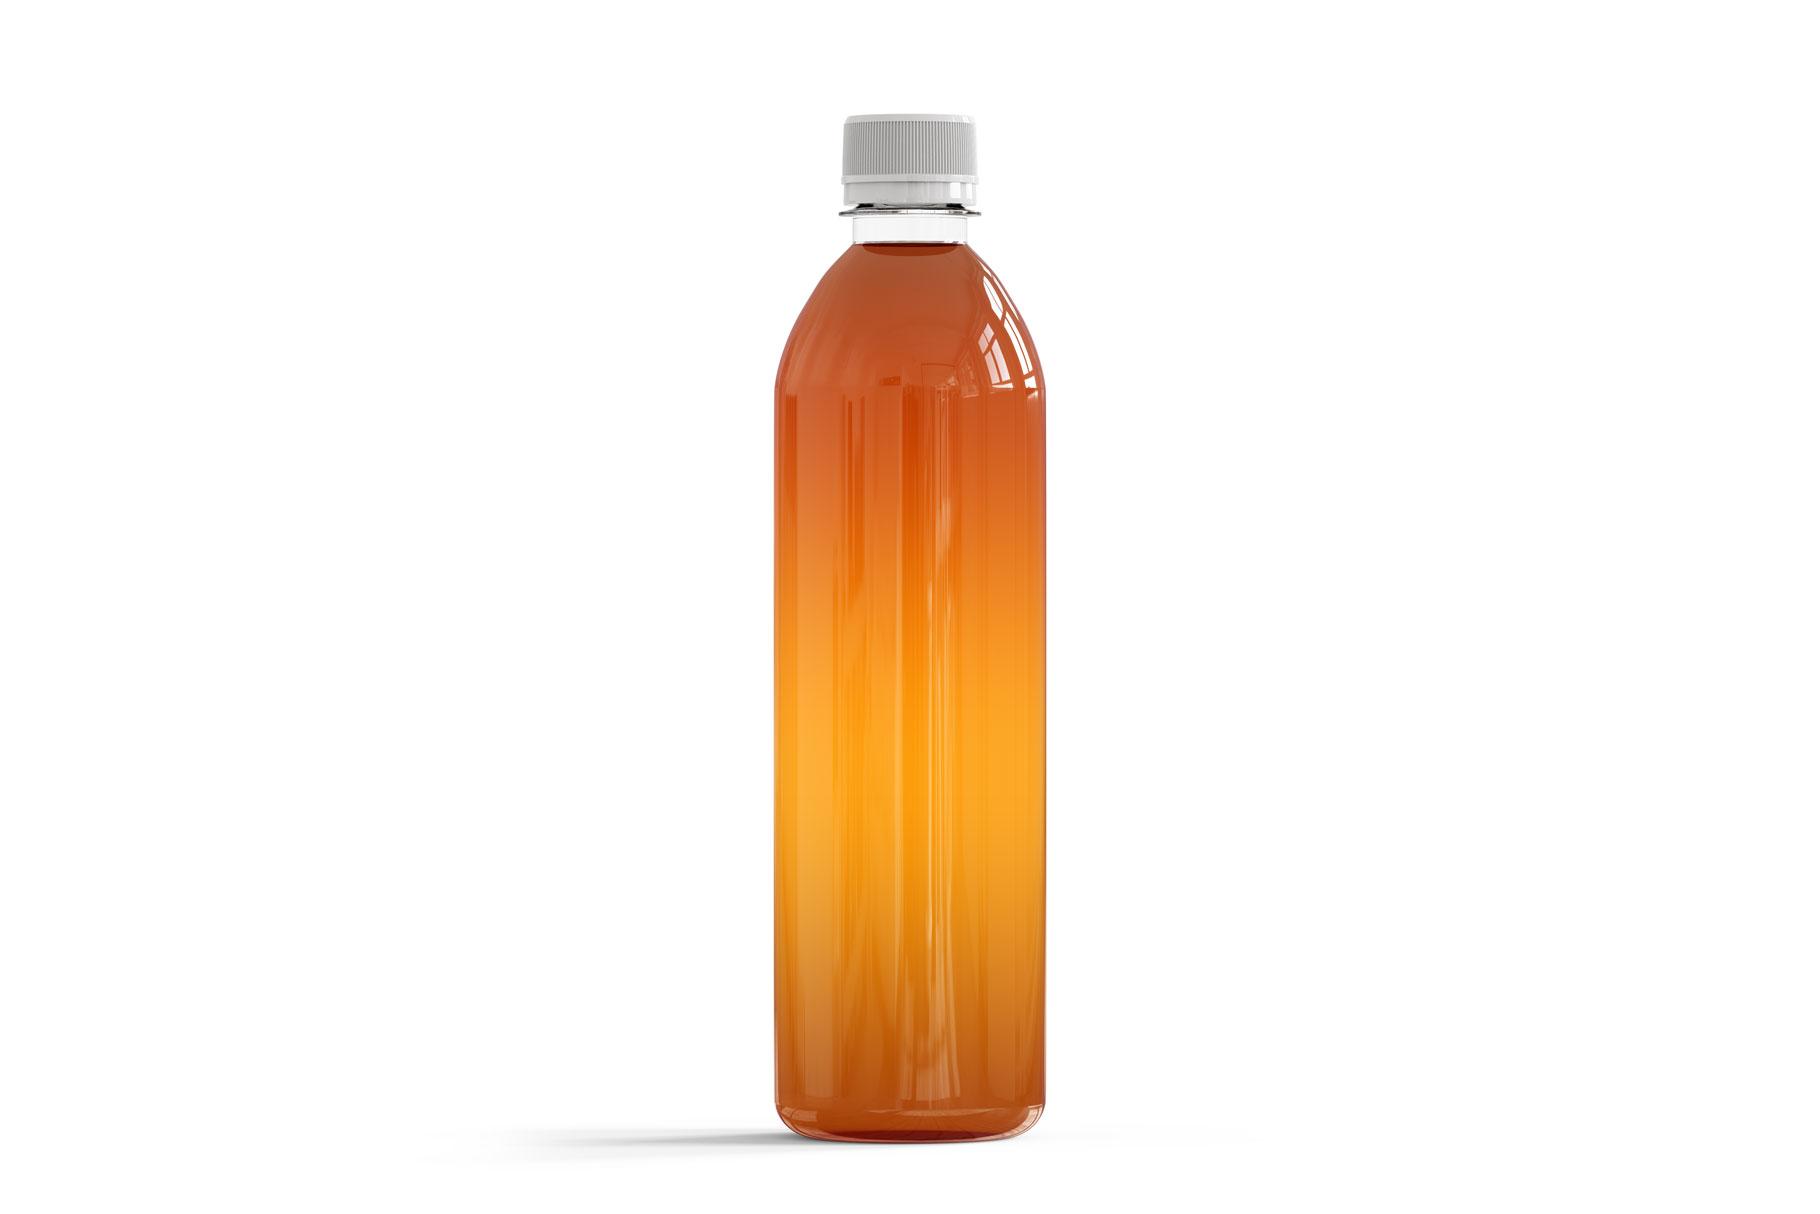 0,5L Iced Tea Bottle Mockup example image 2